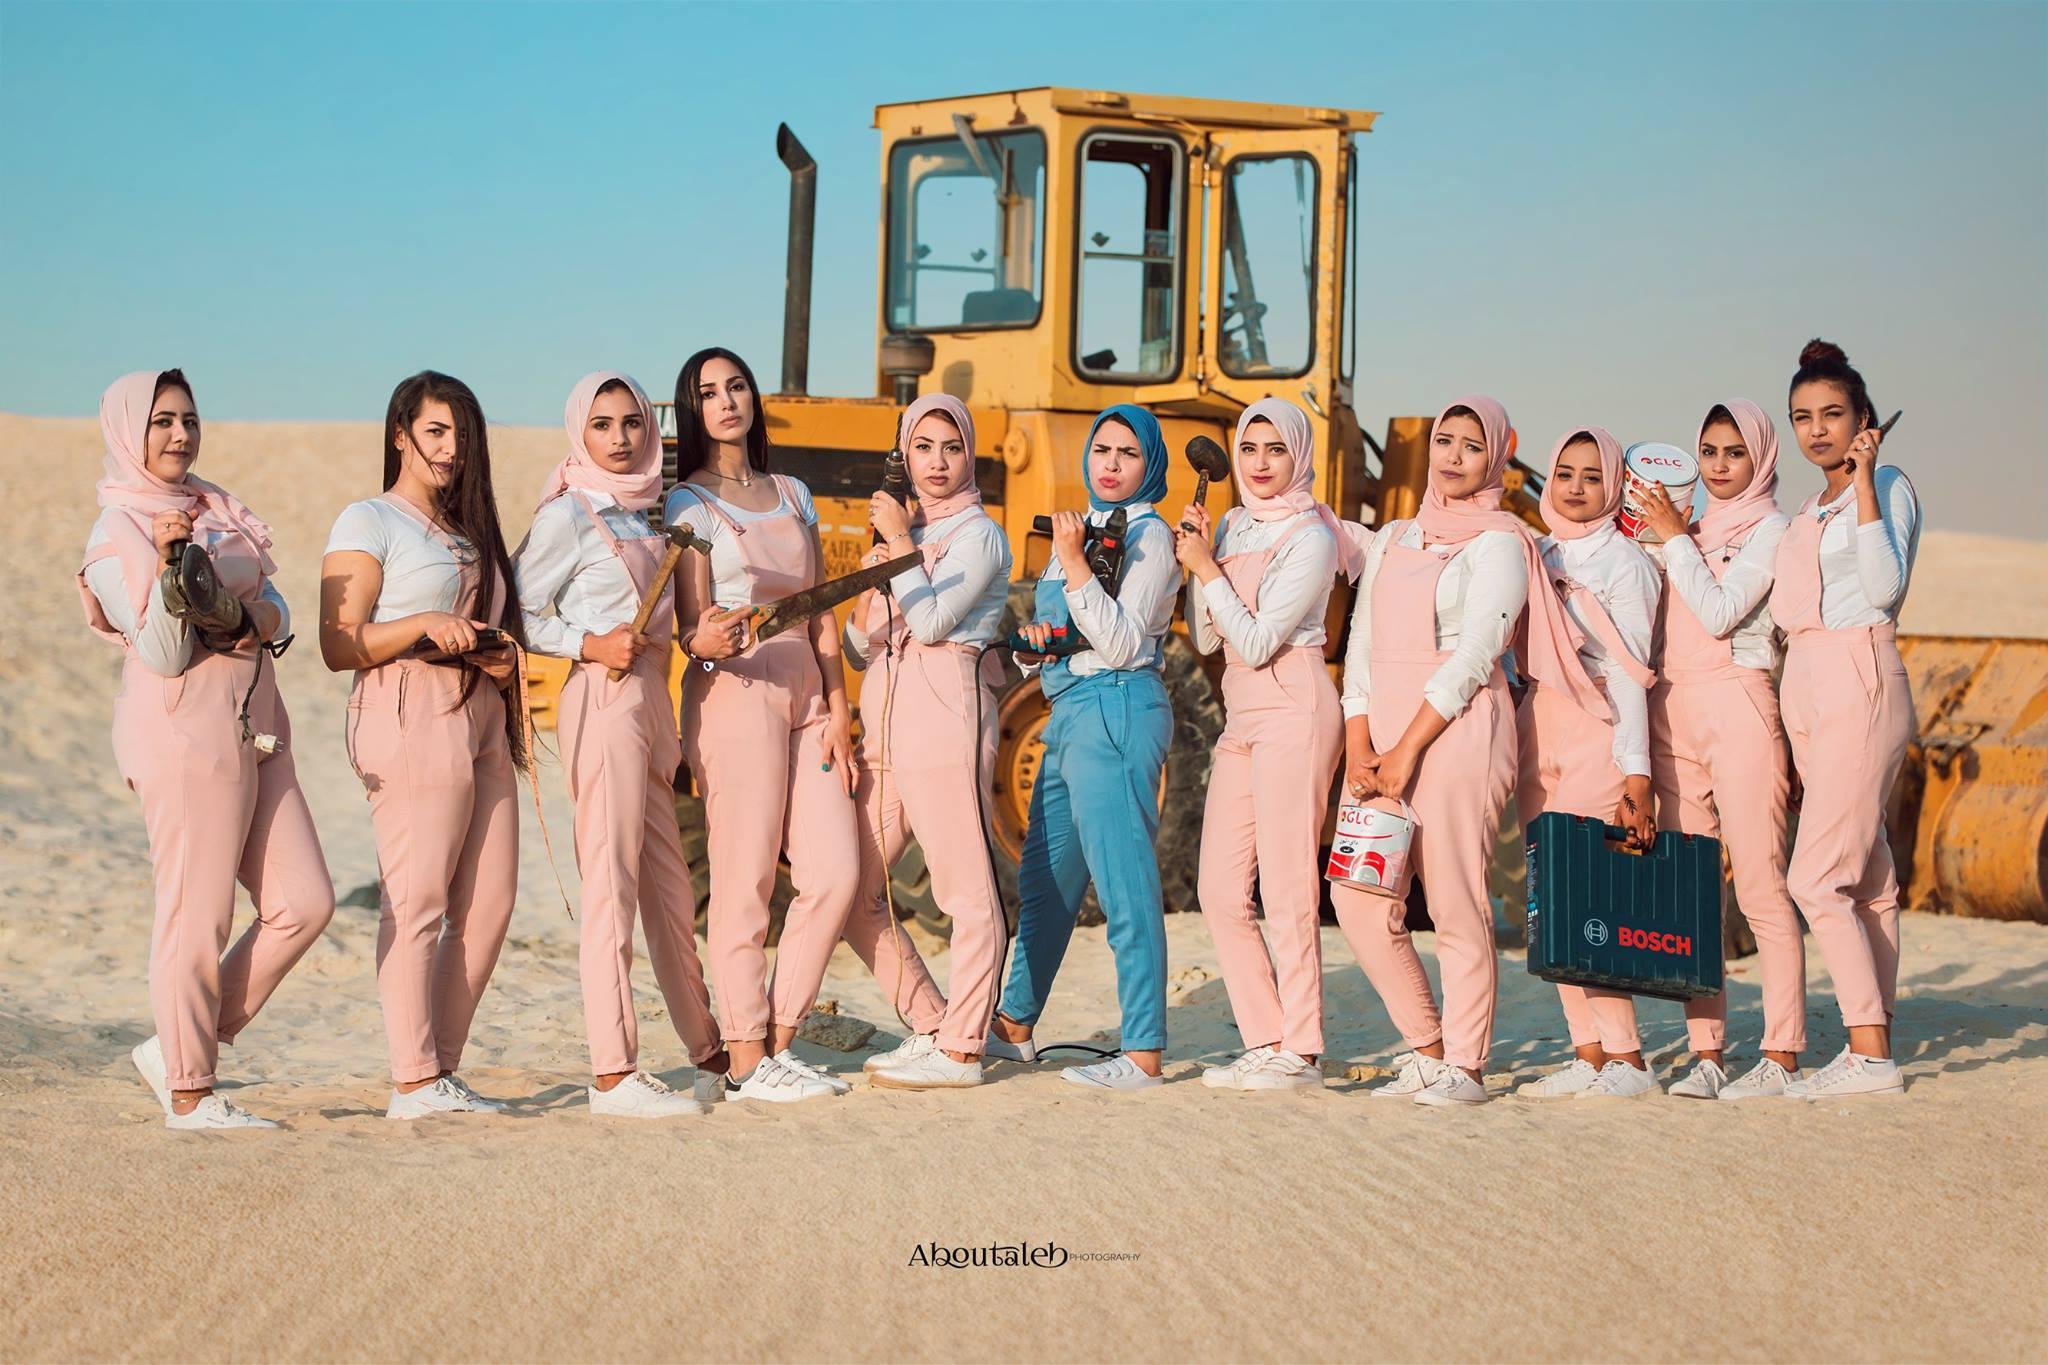 صور بنات كليه هندسه مدني 15 جلسه تصوير بنات هندسه مدني من غير شنب